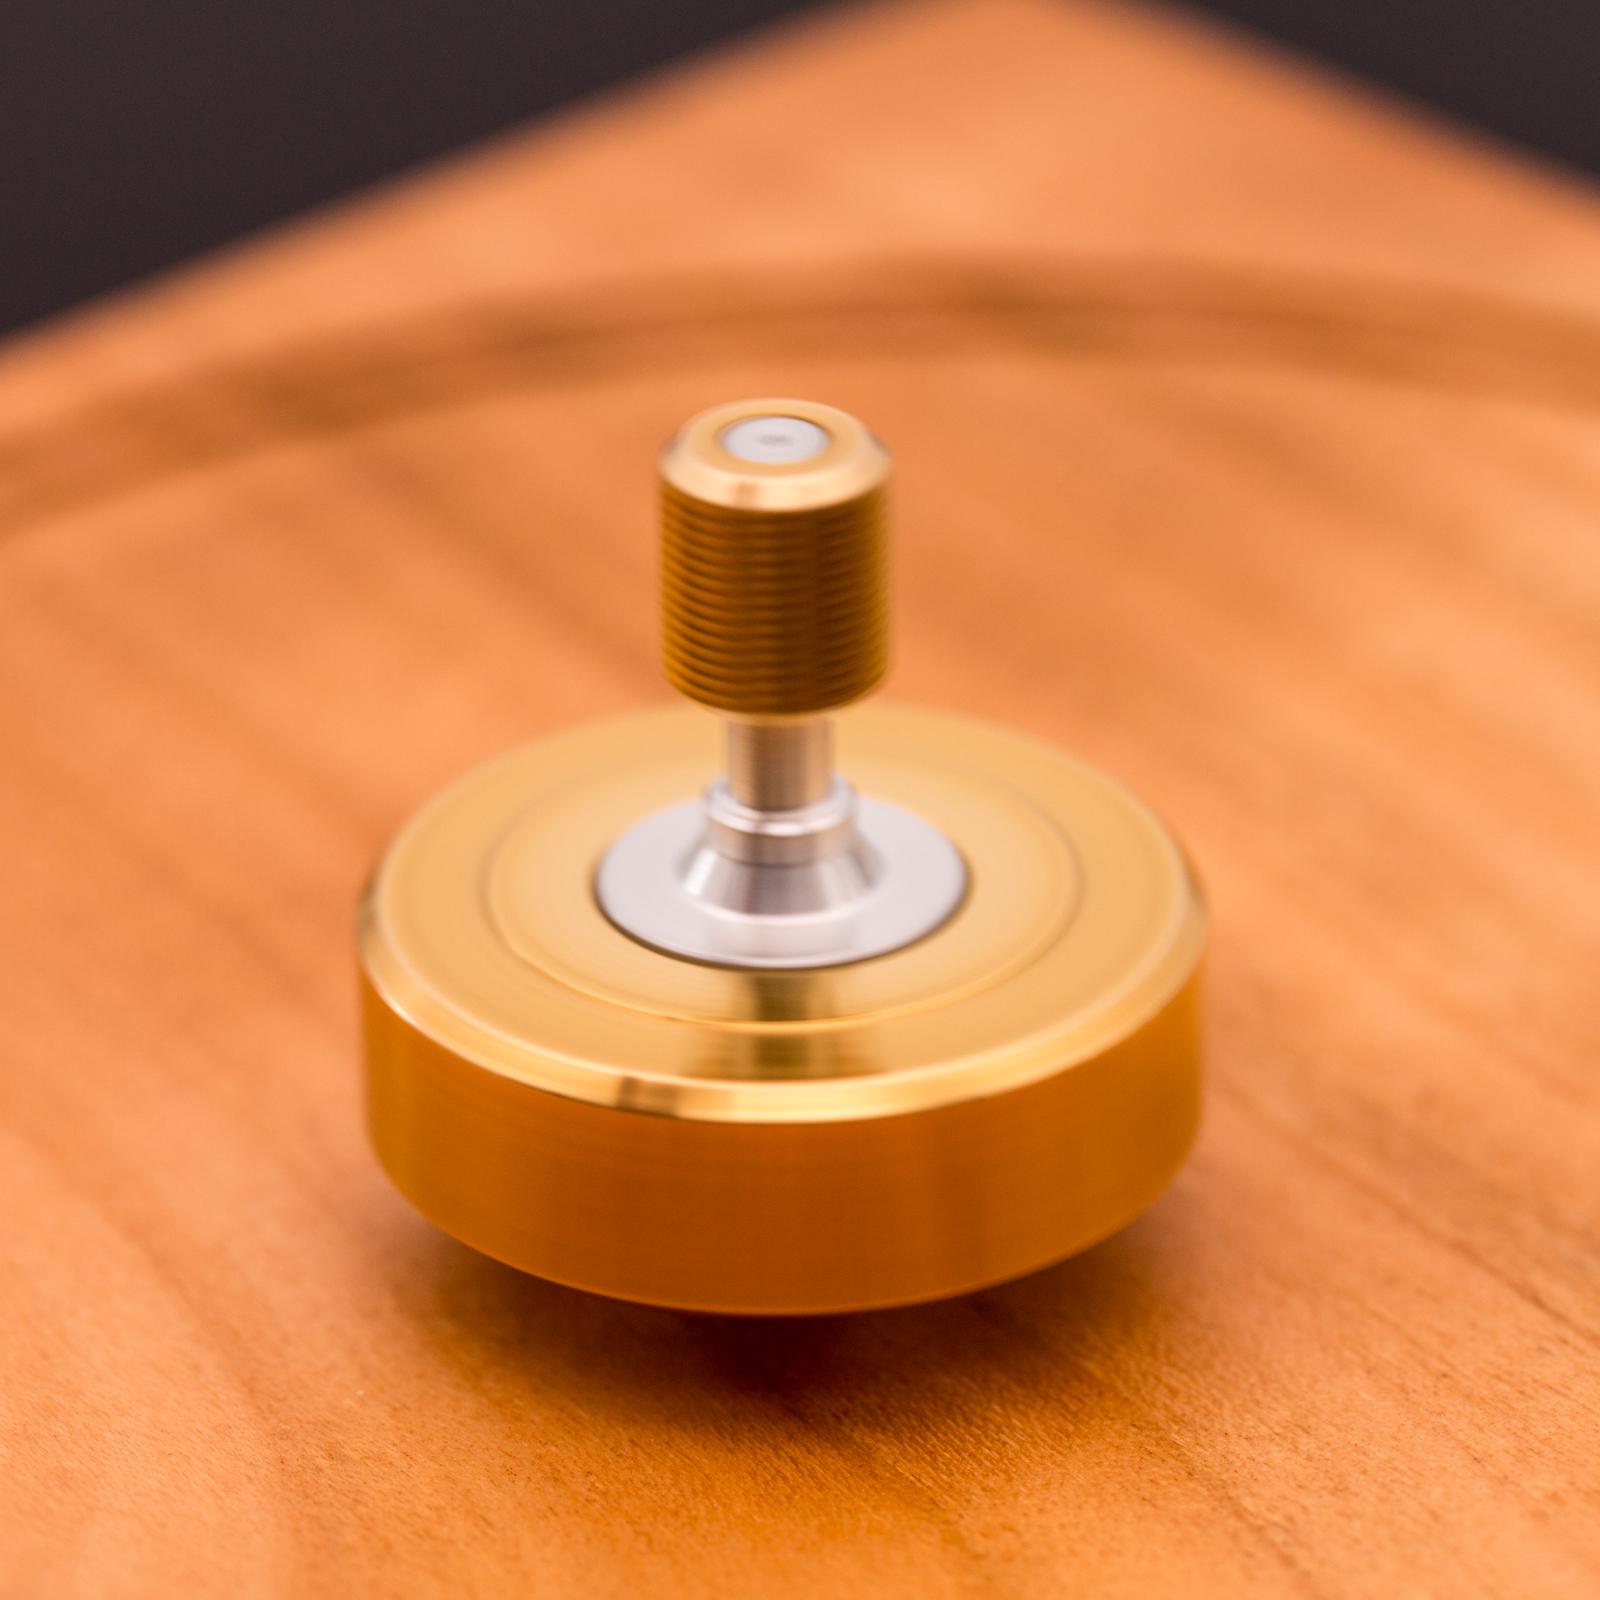 Vorso - Mk1 Spinning Top Brass